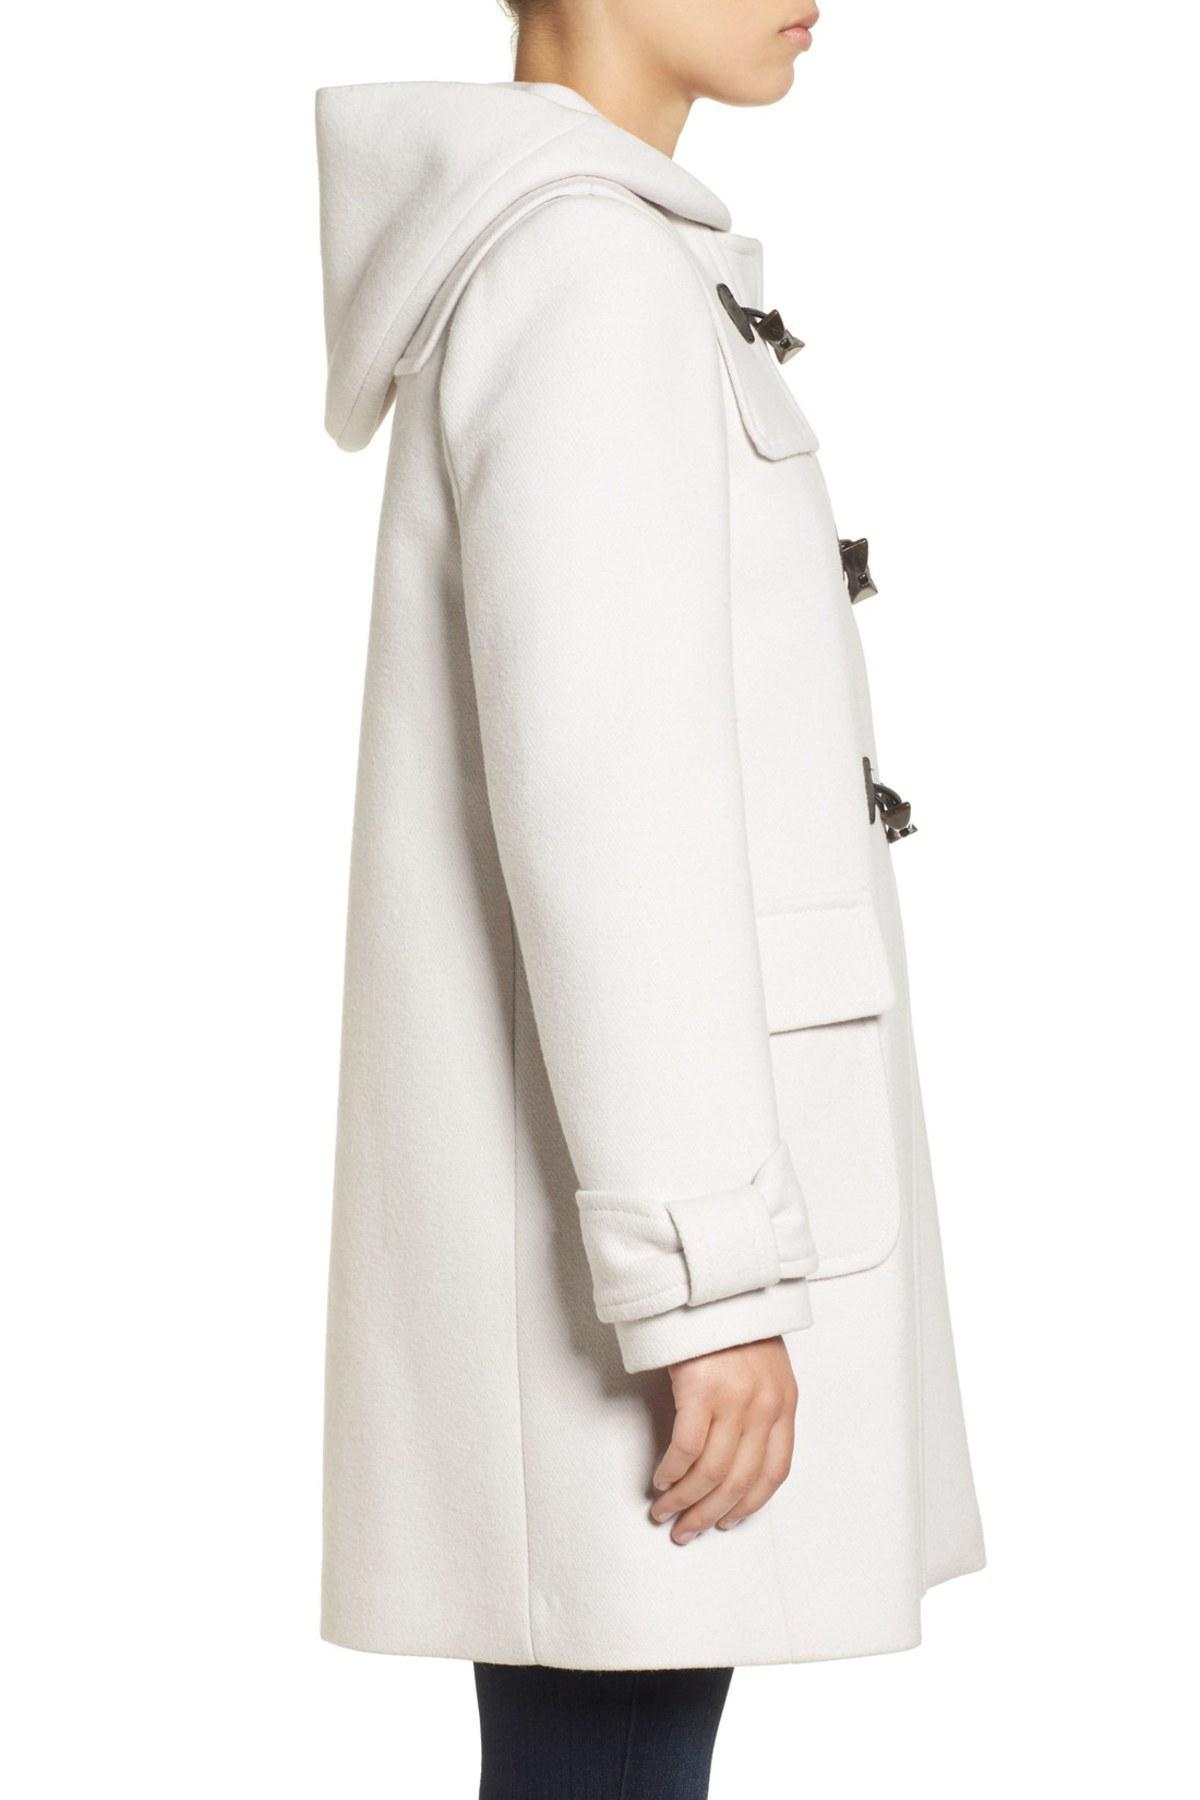 Kate Spade Hooded Wool Blend Walking Coat Lyst